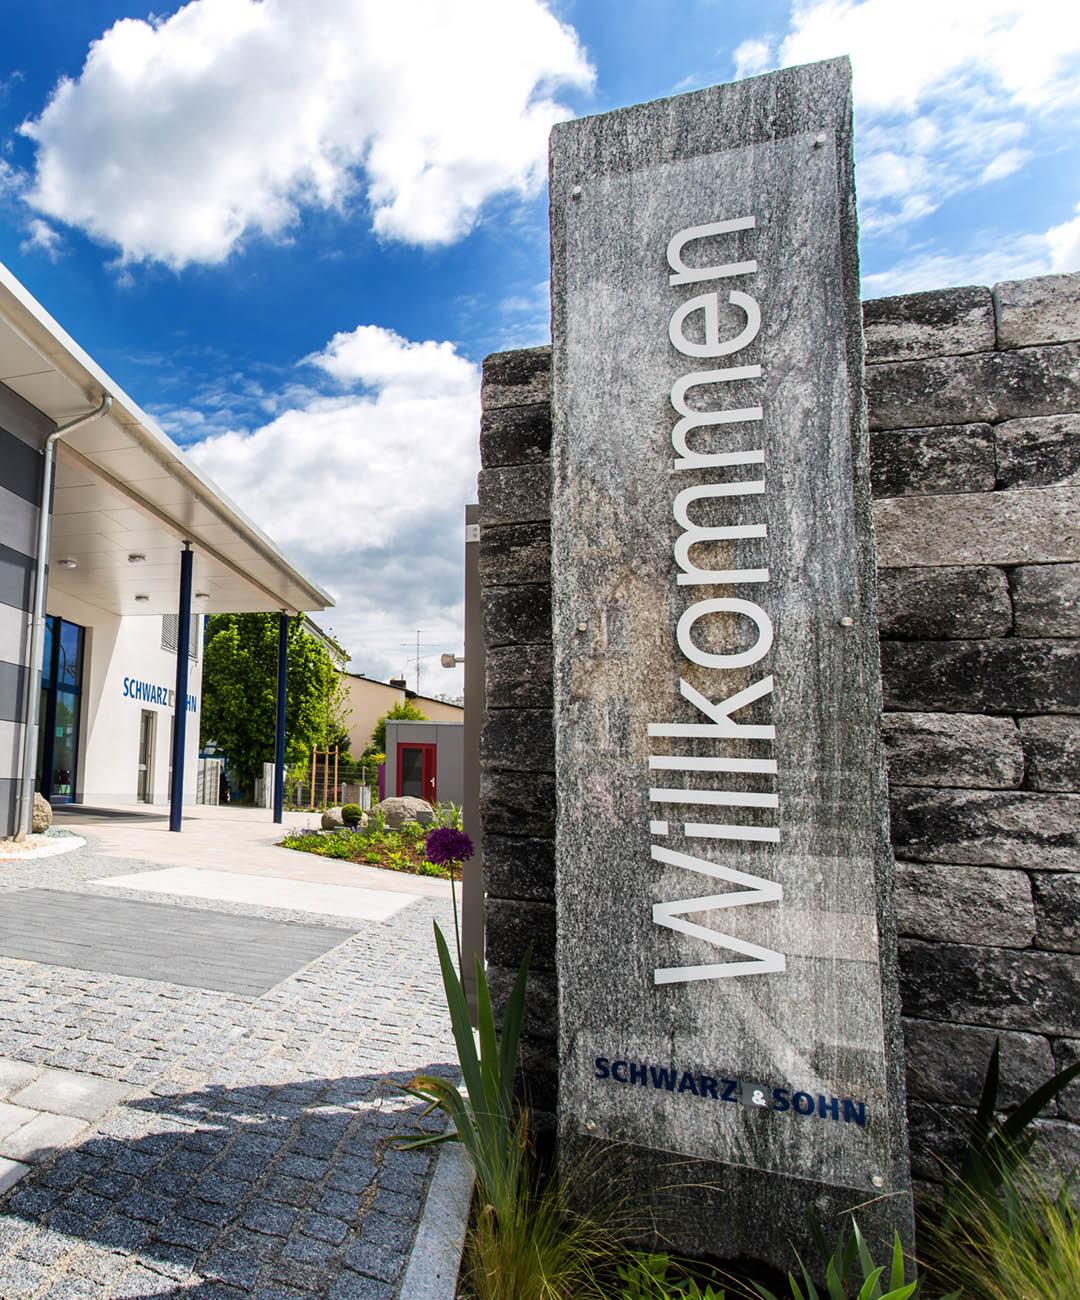 Willkommen in unserer Schwarz & Sohn-Niederlassung in Mainburg